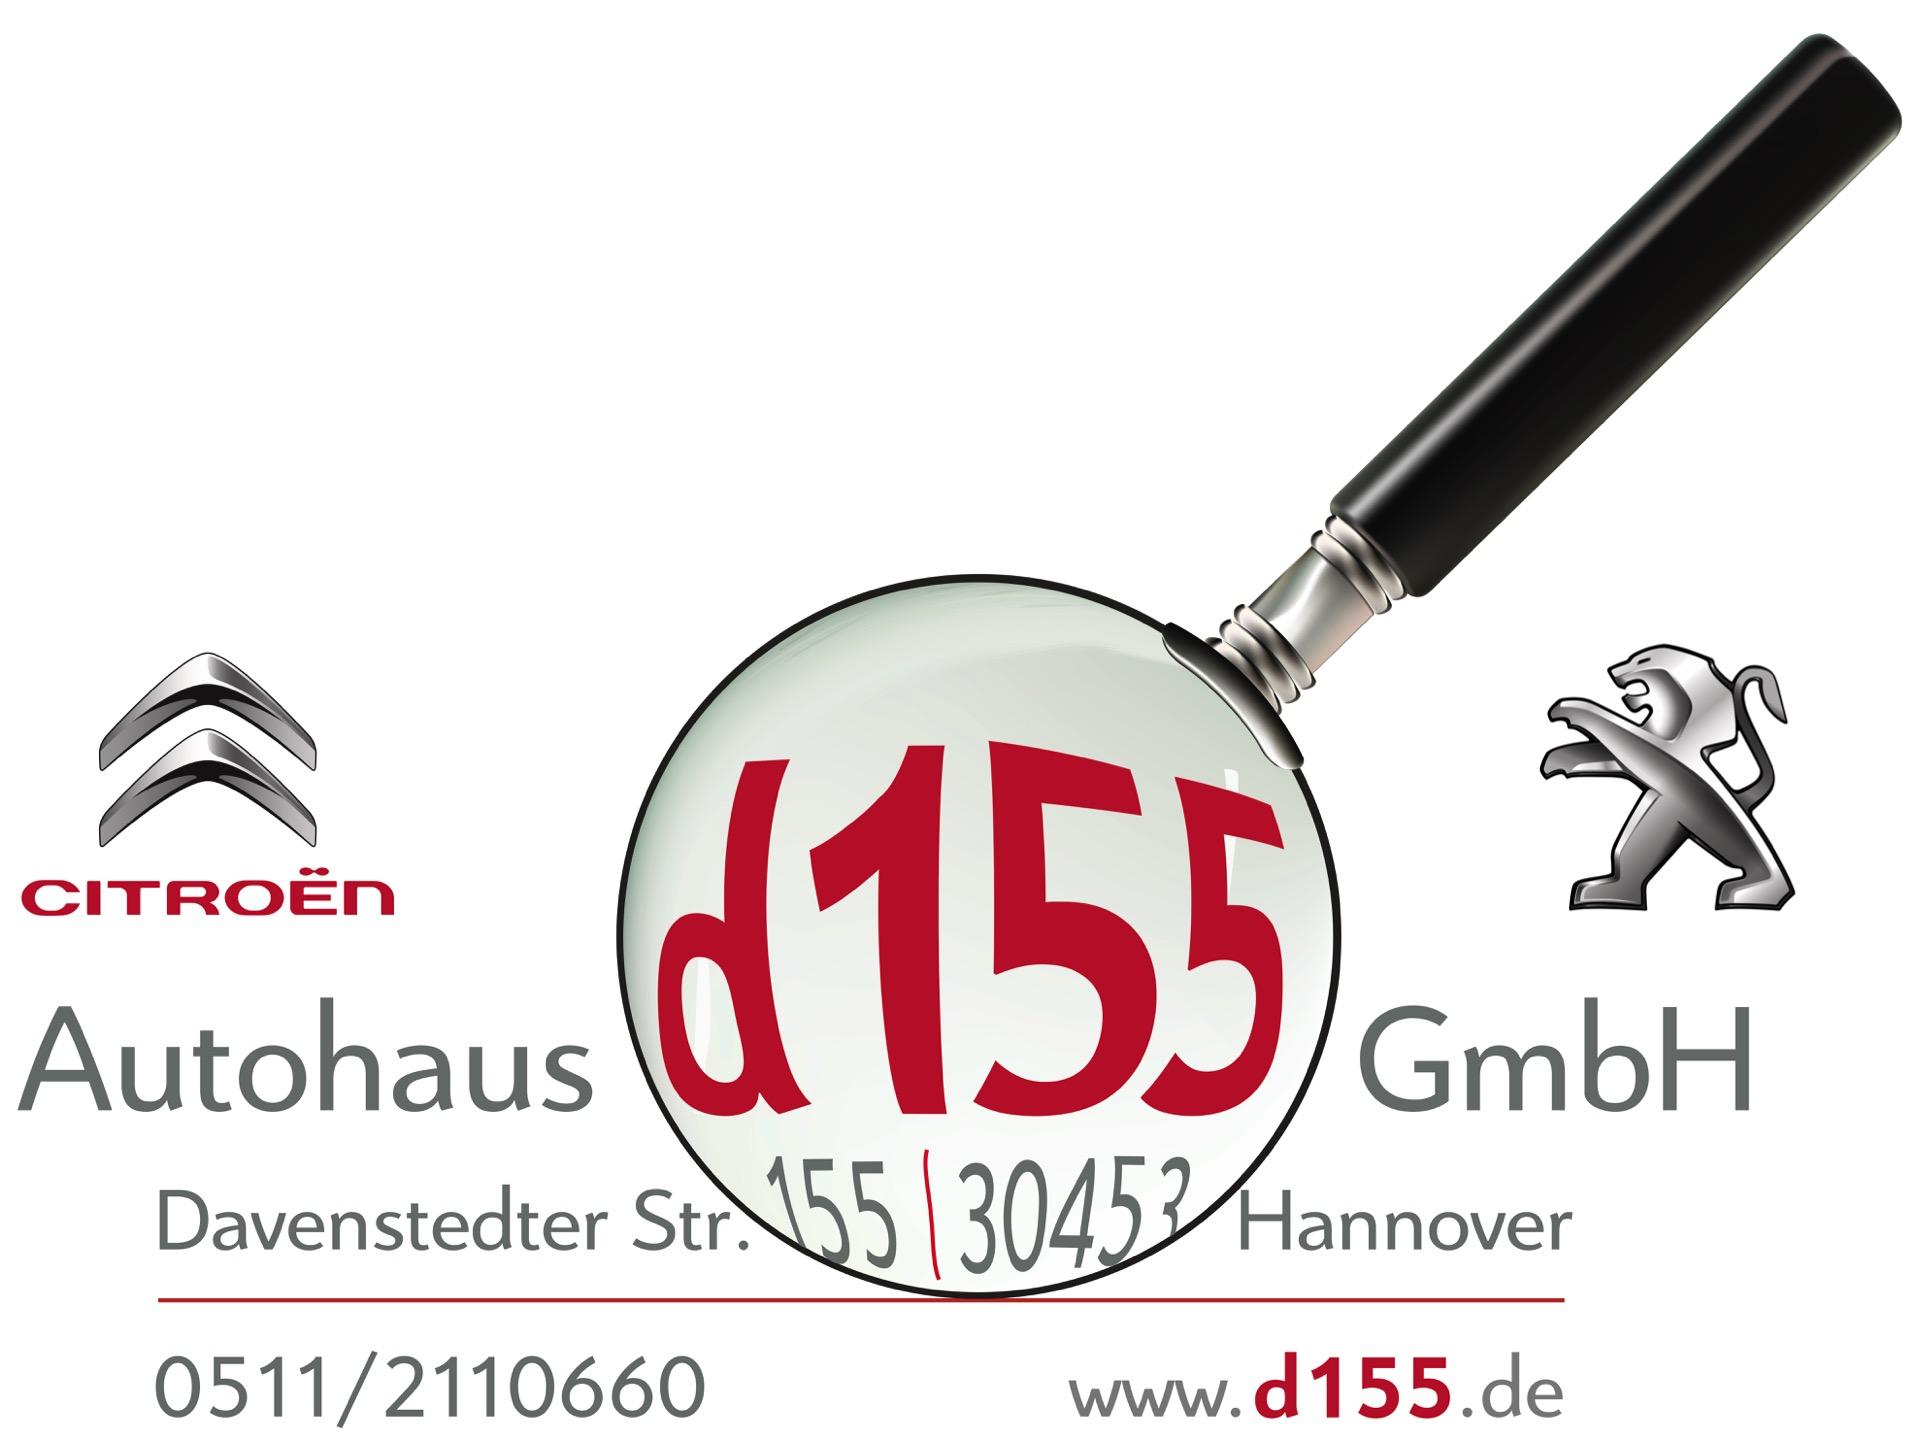 Autohaus d155